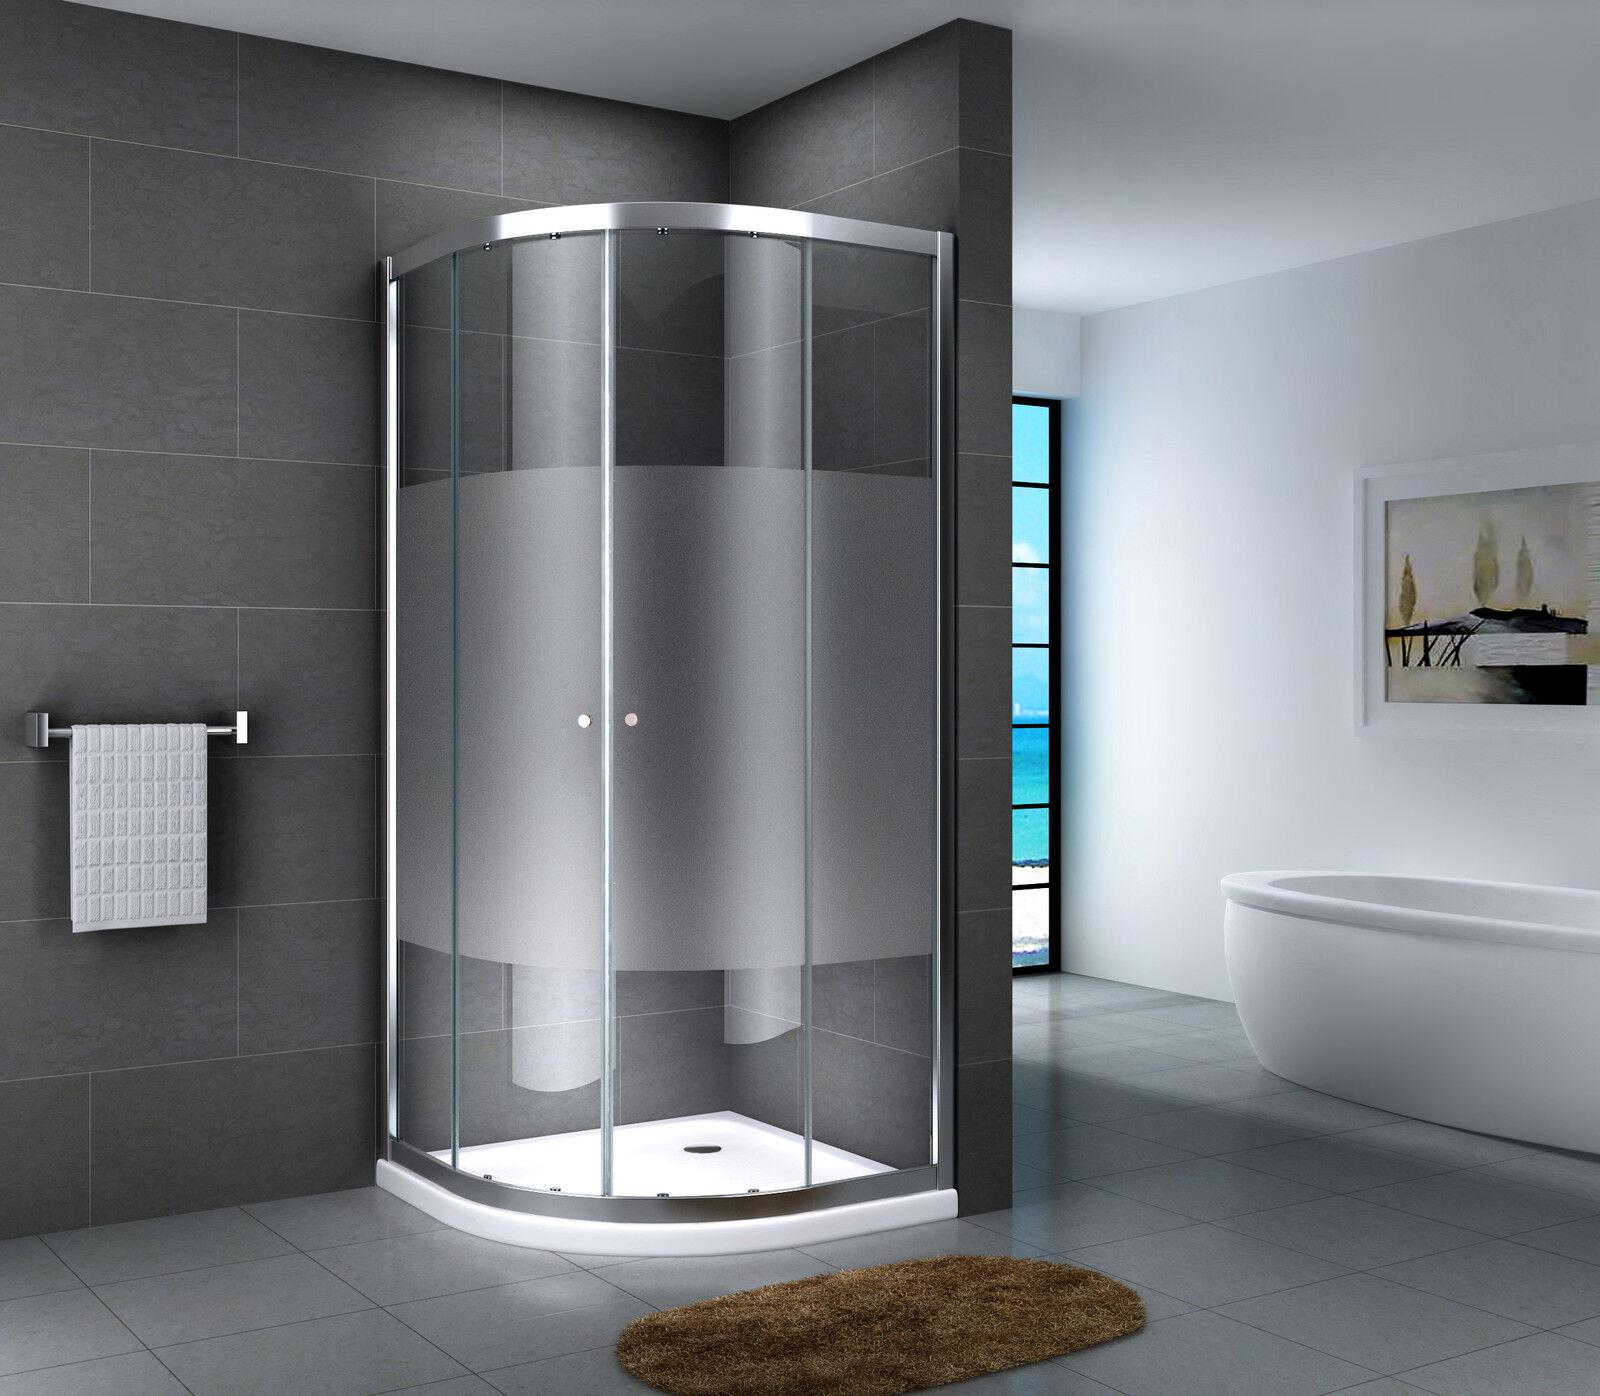 duschkabine eckdusche viertelkreis duschabtrennung glas dusche runddusche esg eur 169 95. Black Bedroom Furniture Sets. Home Design Ideas